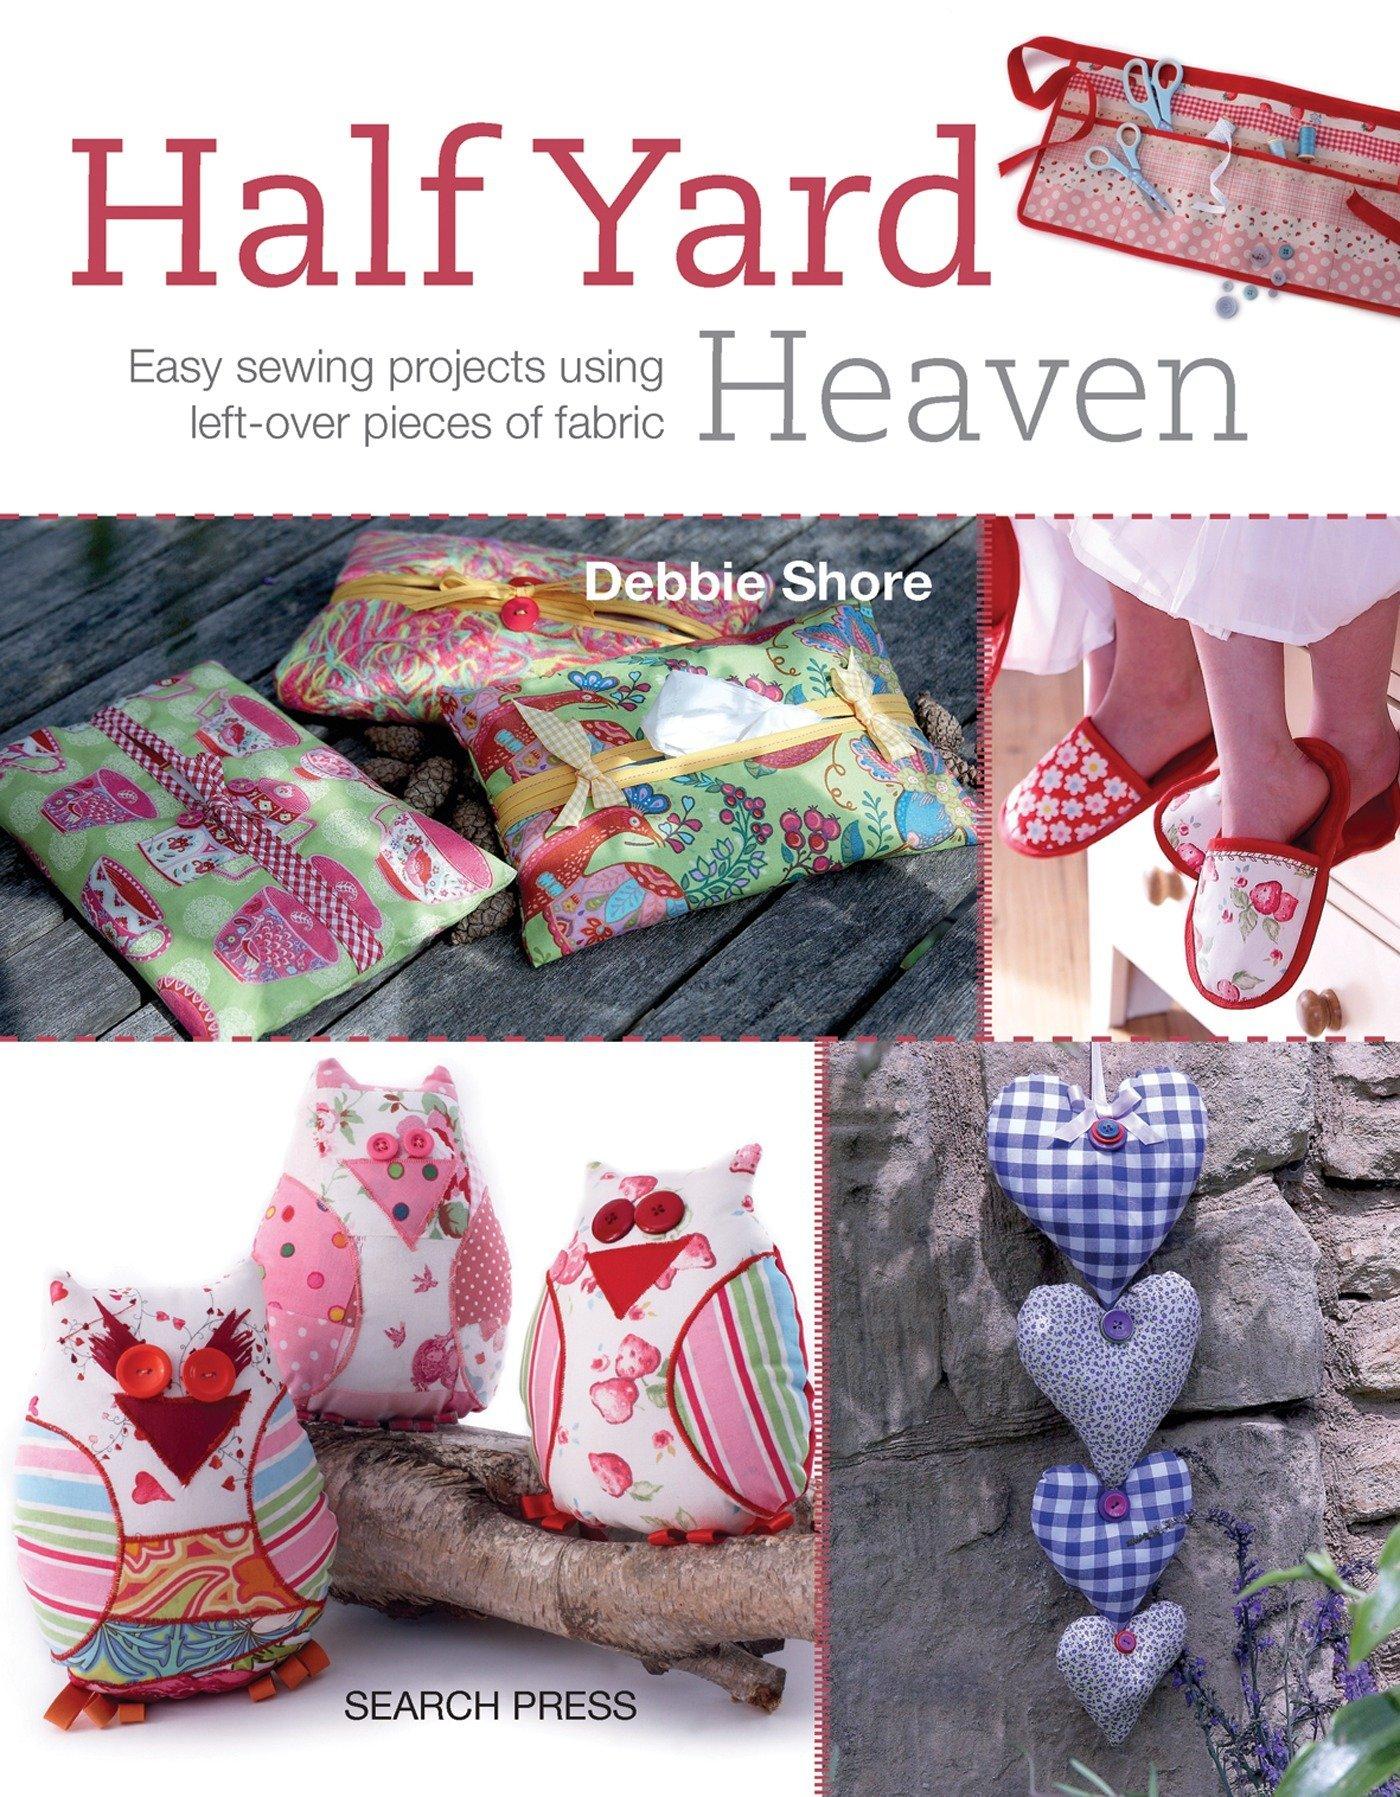 half yard heaven makeup bag